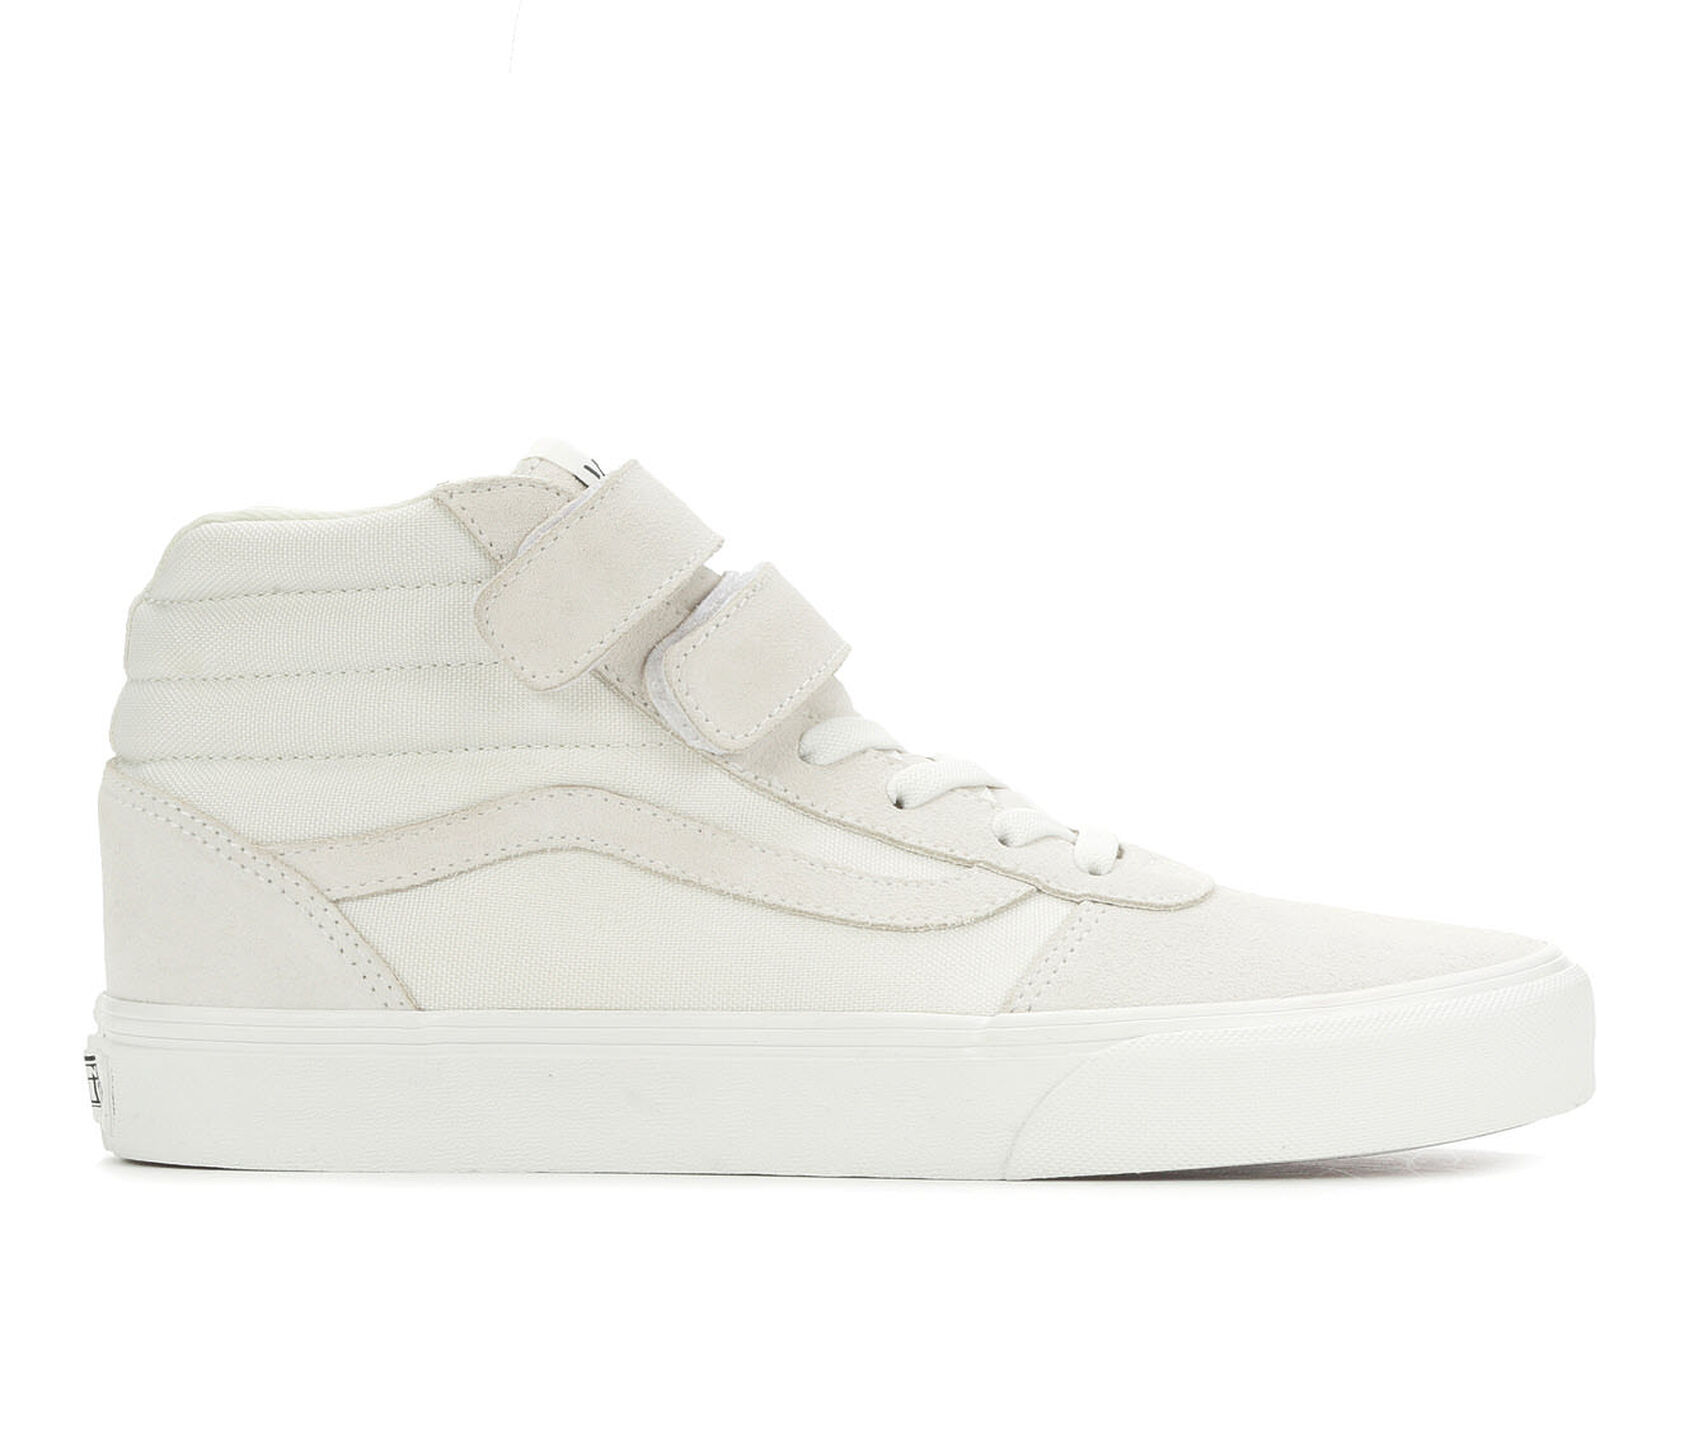 a03294b7e6a17e ... Vans Ward Hi V Skate Shoes. Previous